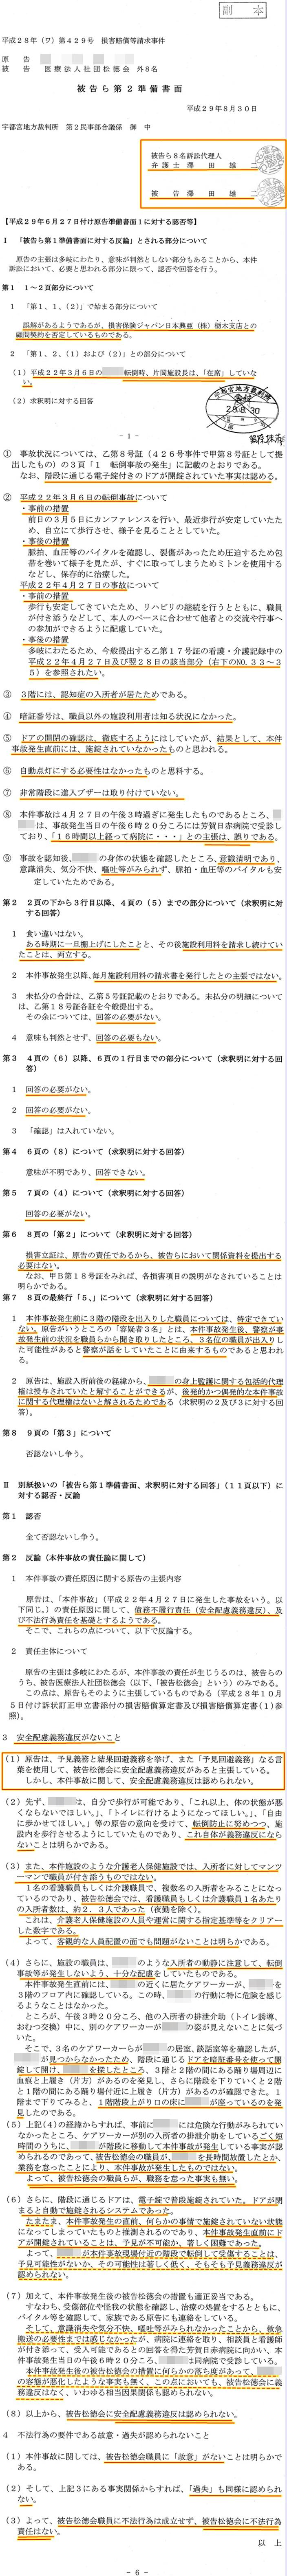 準備書面2 澤田雄二弁護士 うごうだ城 損保ジャパン日本興亜1